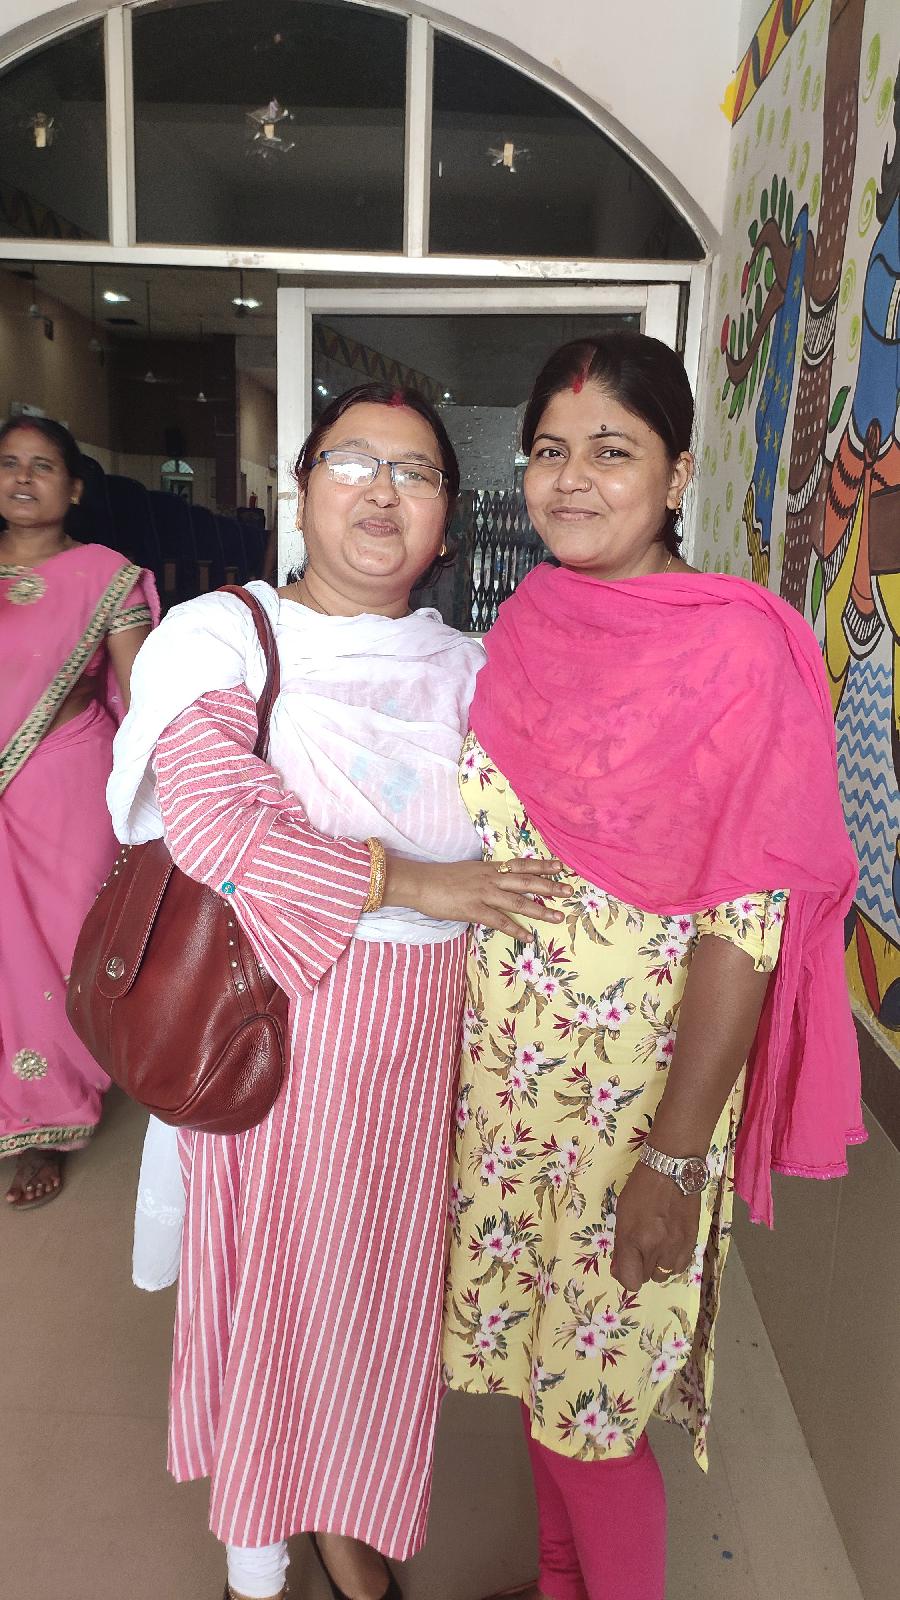 Sheikhpura Mein Bihar Chikitsa And Jan Swasthya Samiti Sangh Ki Baithak  Sampanna hua.